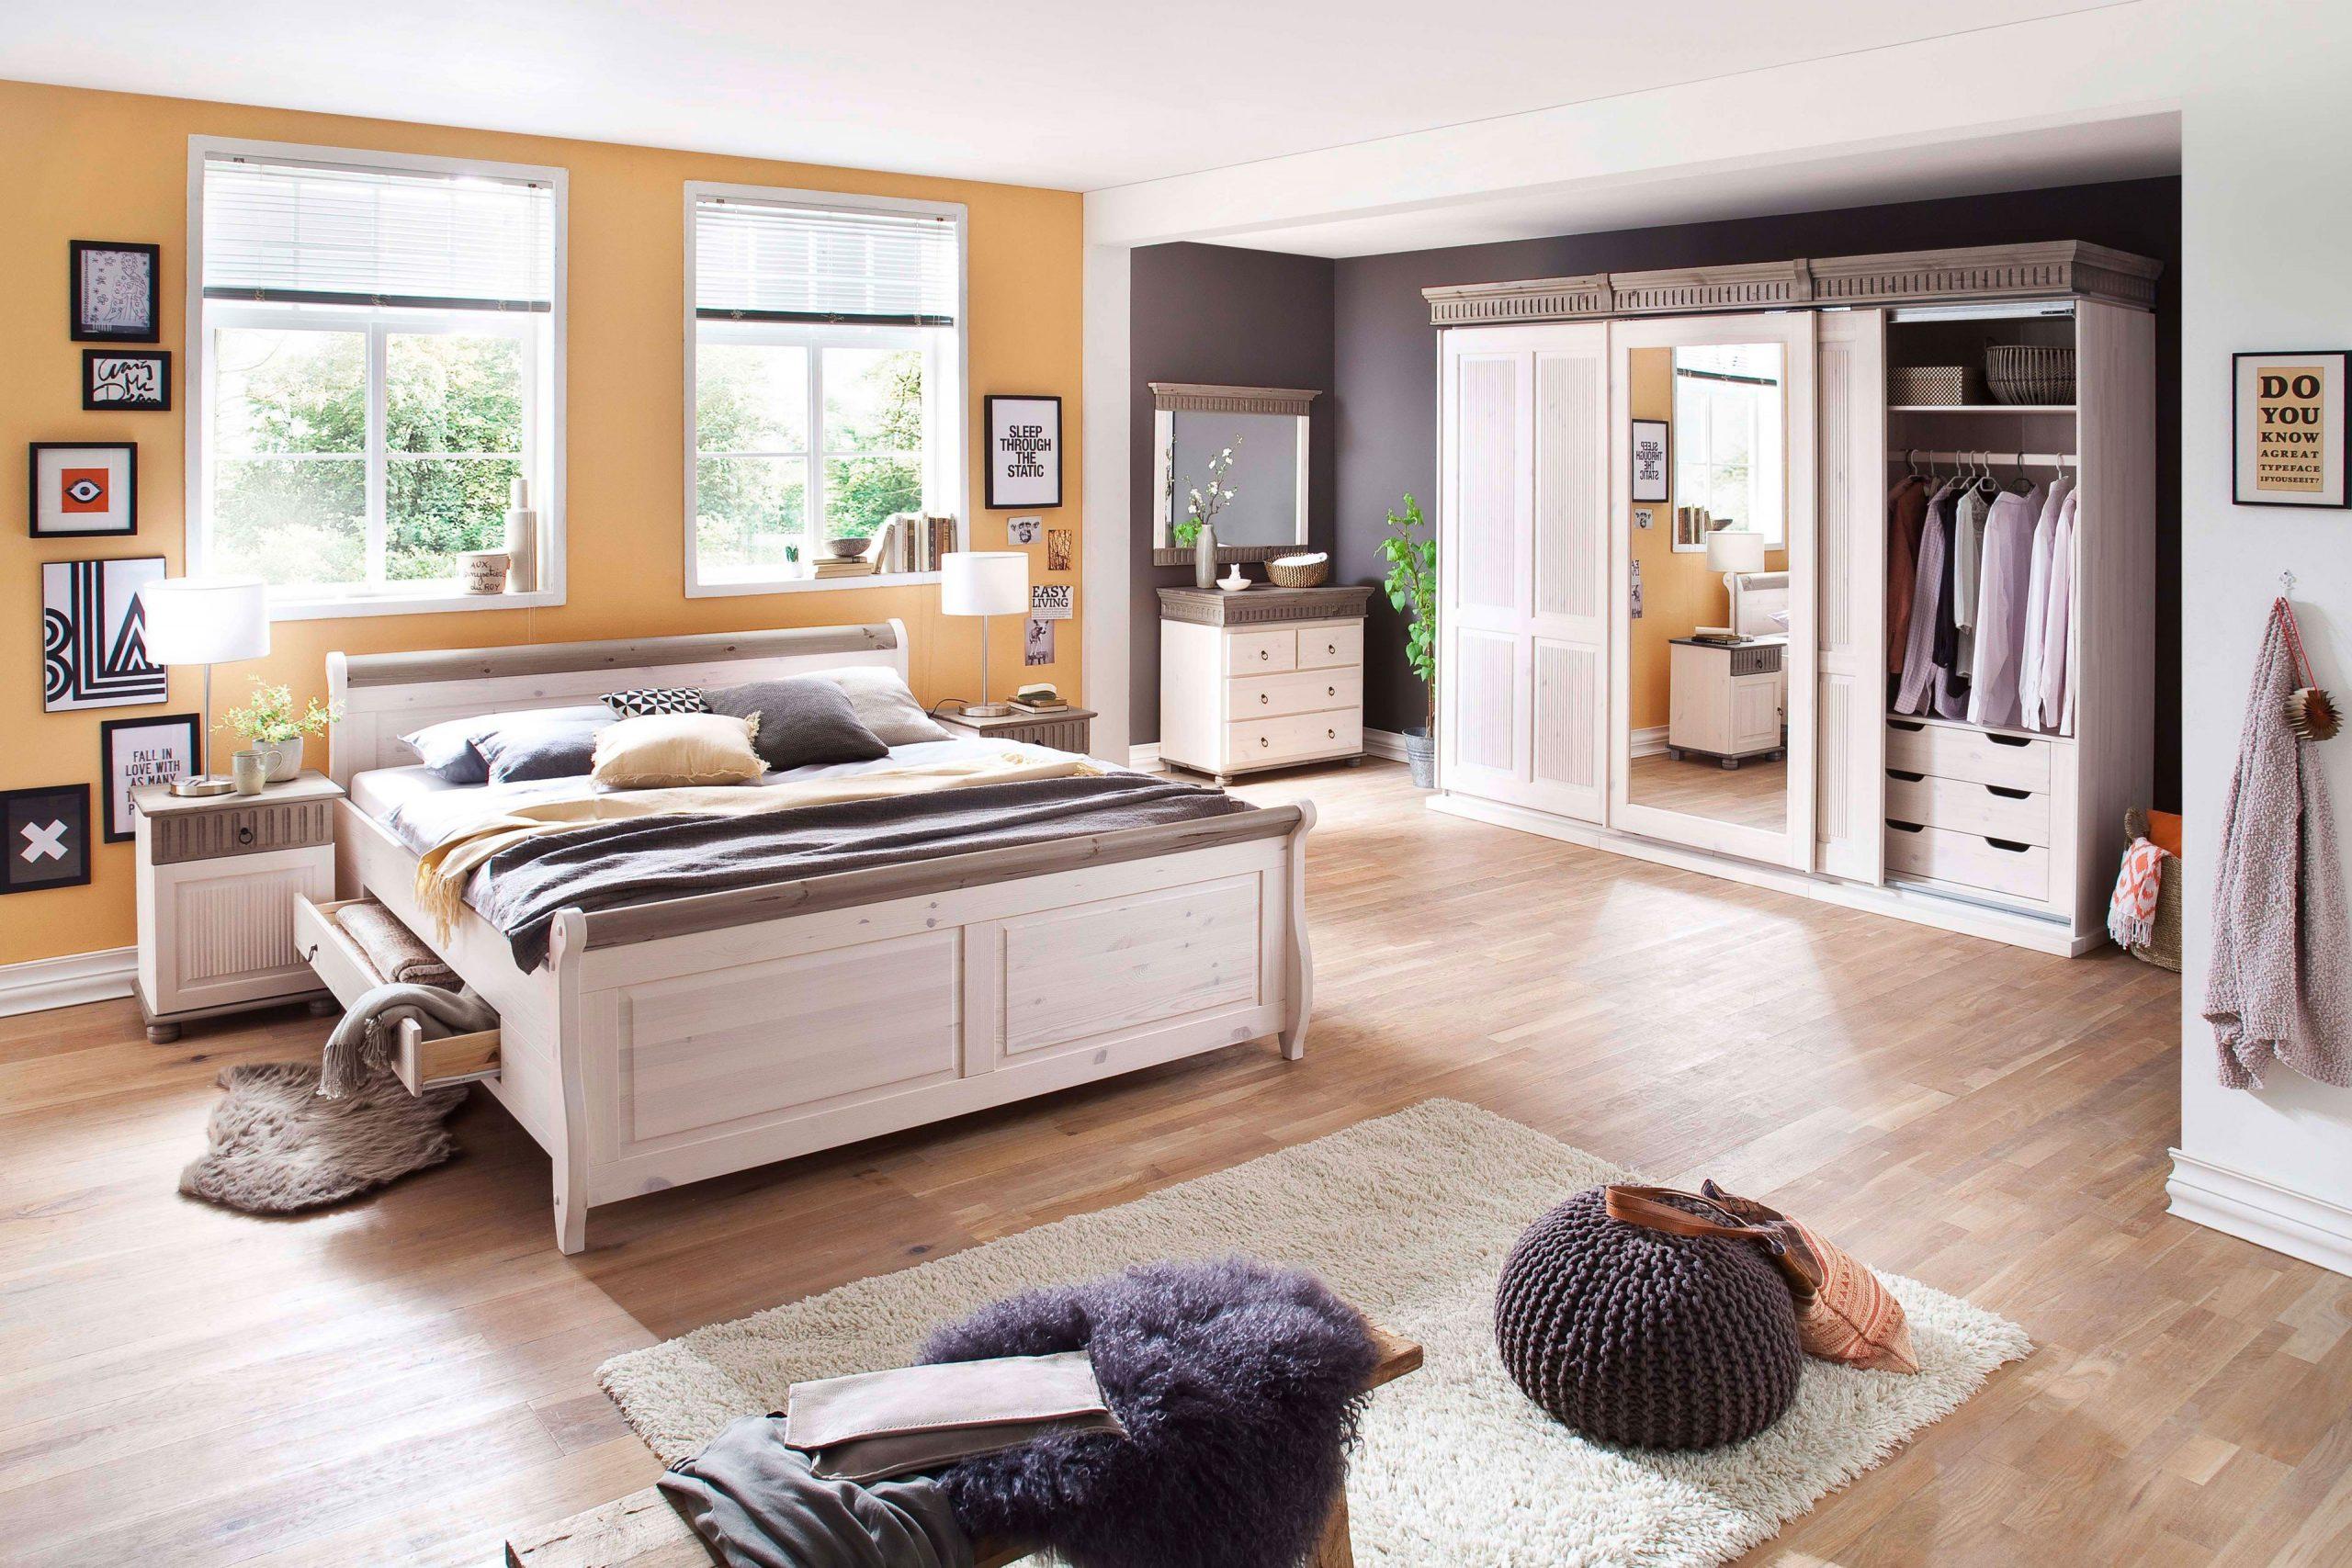 Full Size of Schlafzimmer Set Weiß Euro Diffusion Helsinki Wei Lavafarben Mbel Regal Gardinen Für Weißer Esstisch Kleiner Kronleuchter Lounge Garten Massivholz Schlafzimmer Schlafzimmer Set Weiß